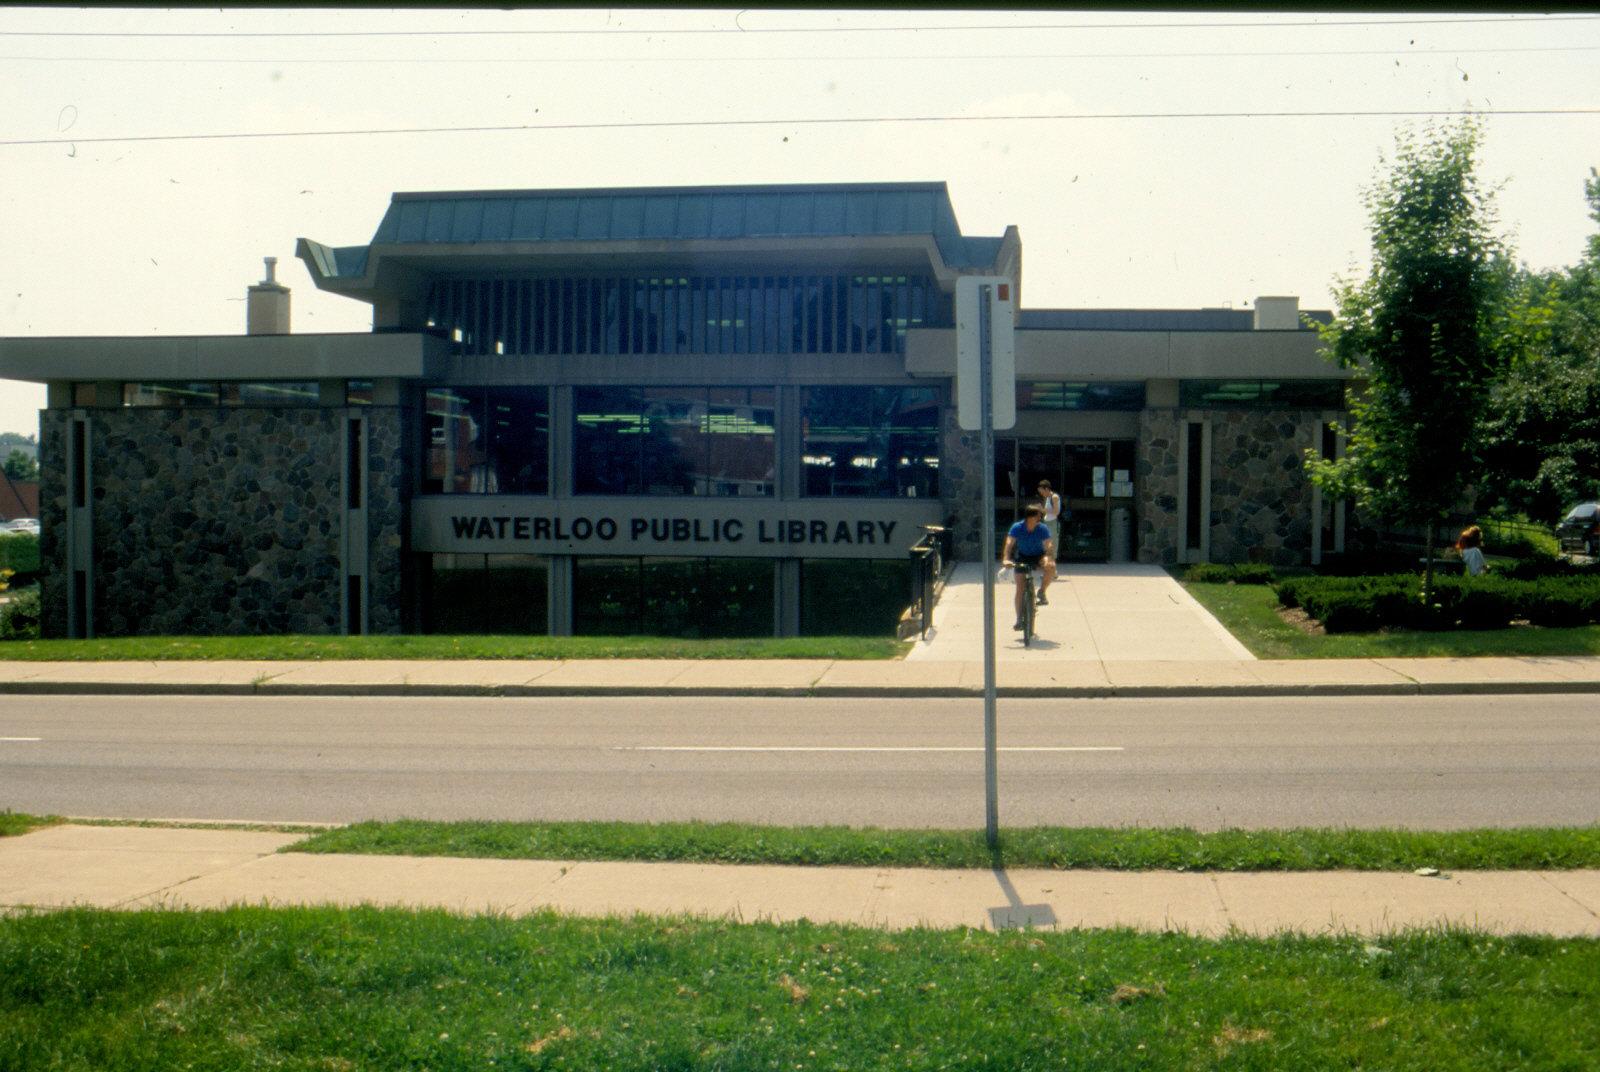 Waterloo Public Library Albert Street Entrance